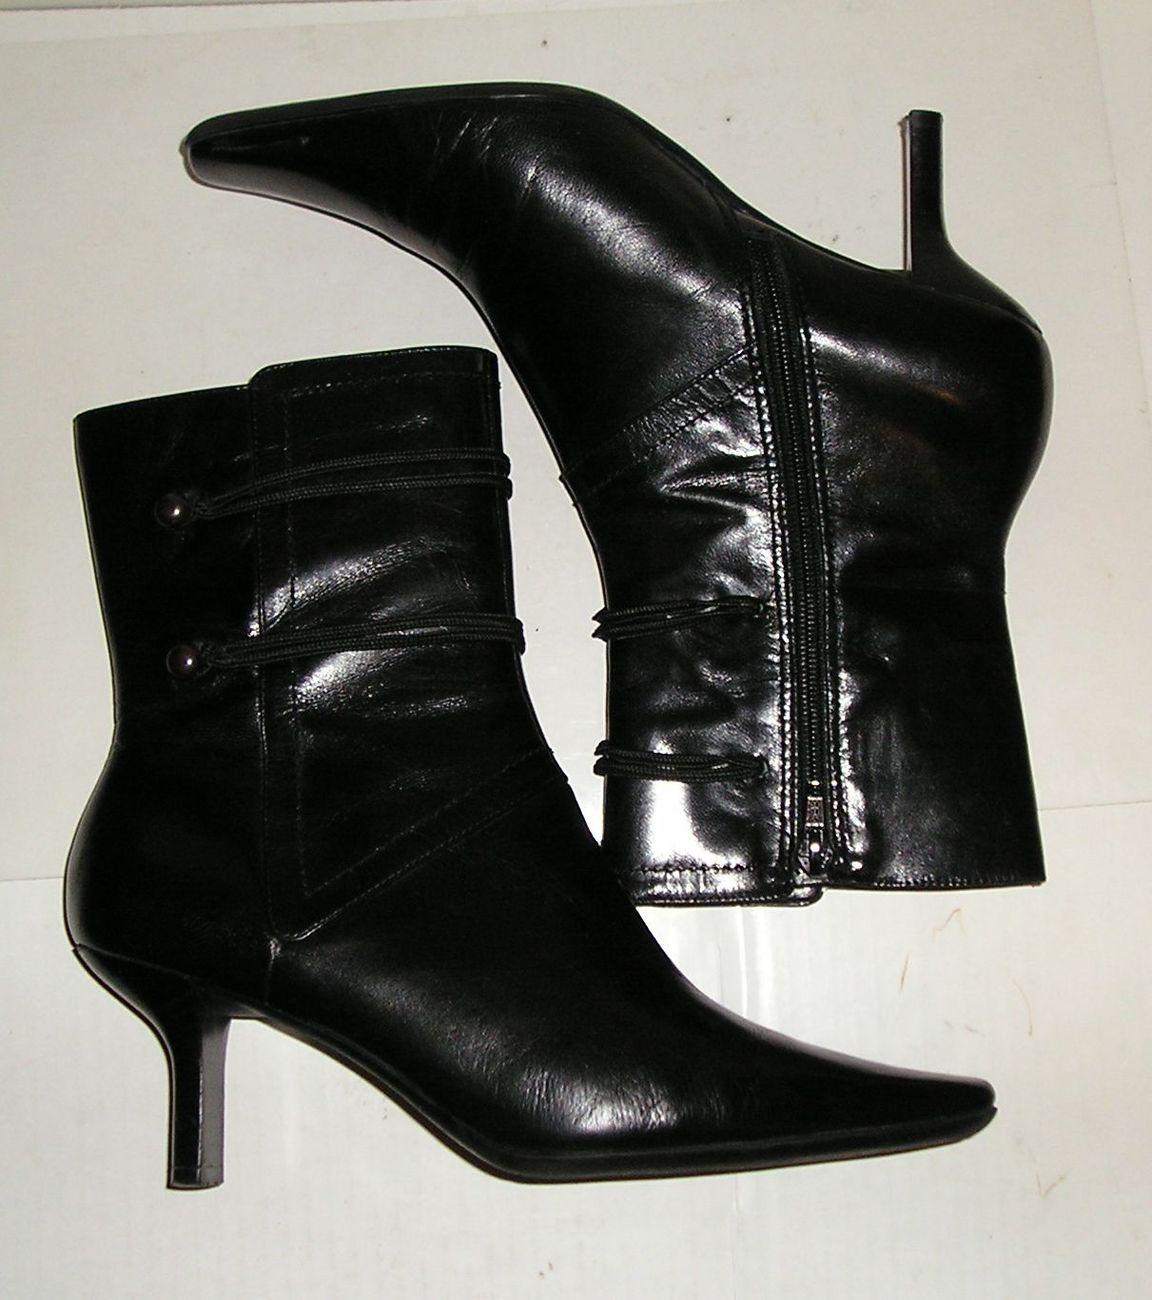 NINE WEST SYD Women's Black Leather Fashion Dress Zipper Ankle Boots Shoes 7 M